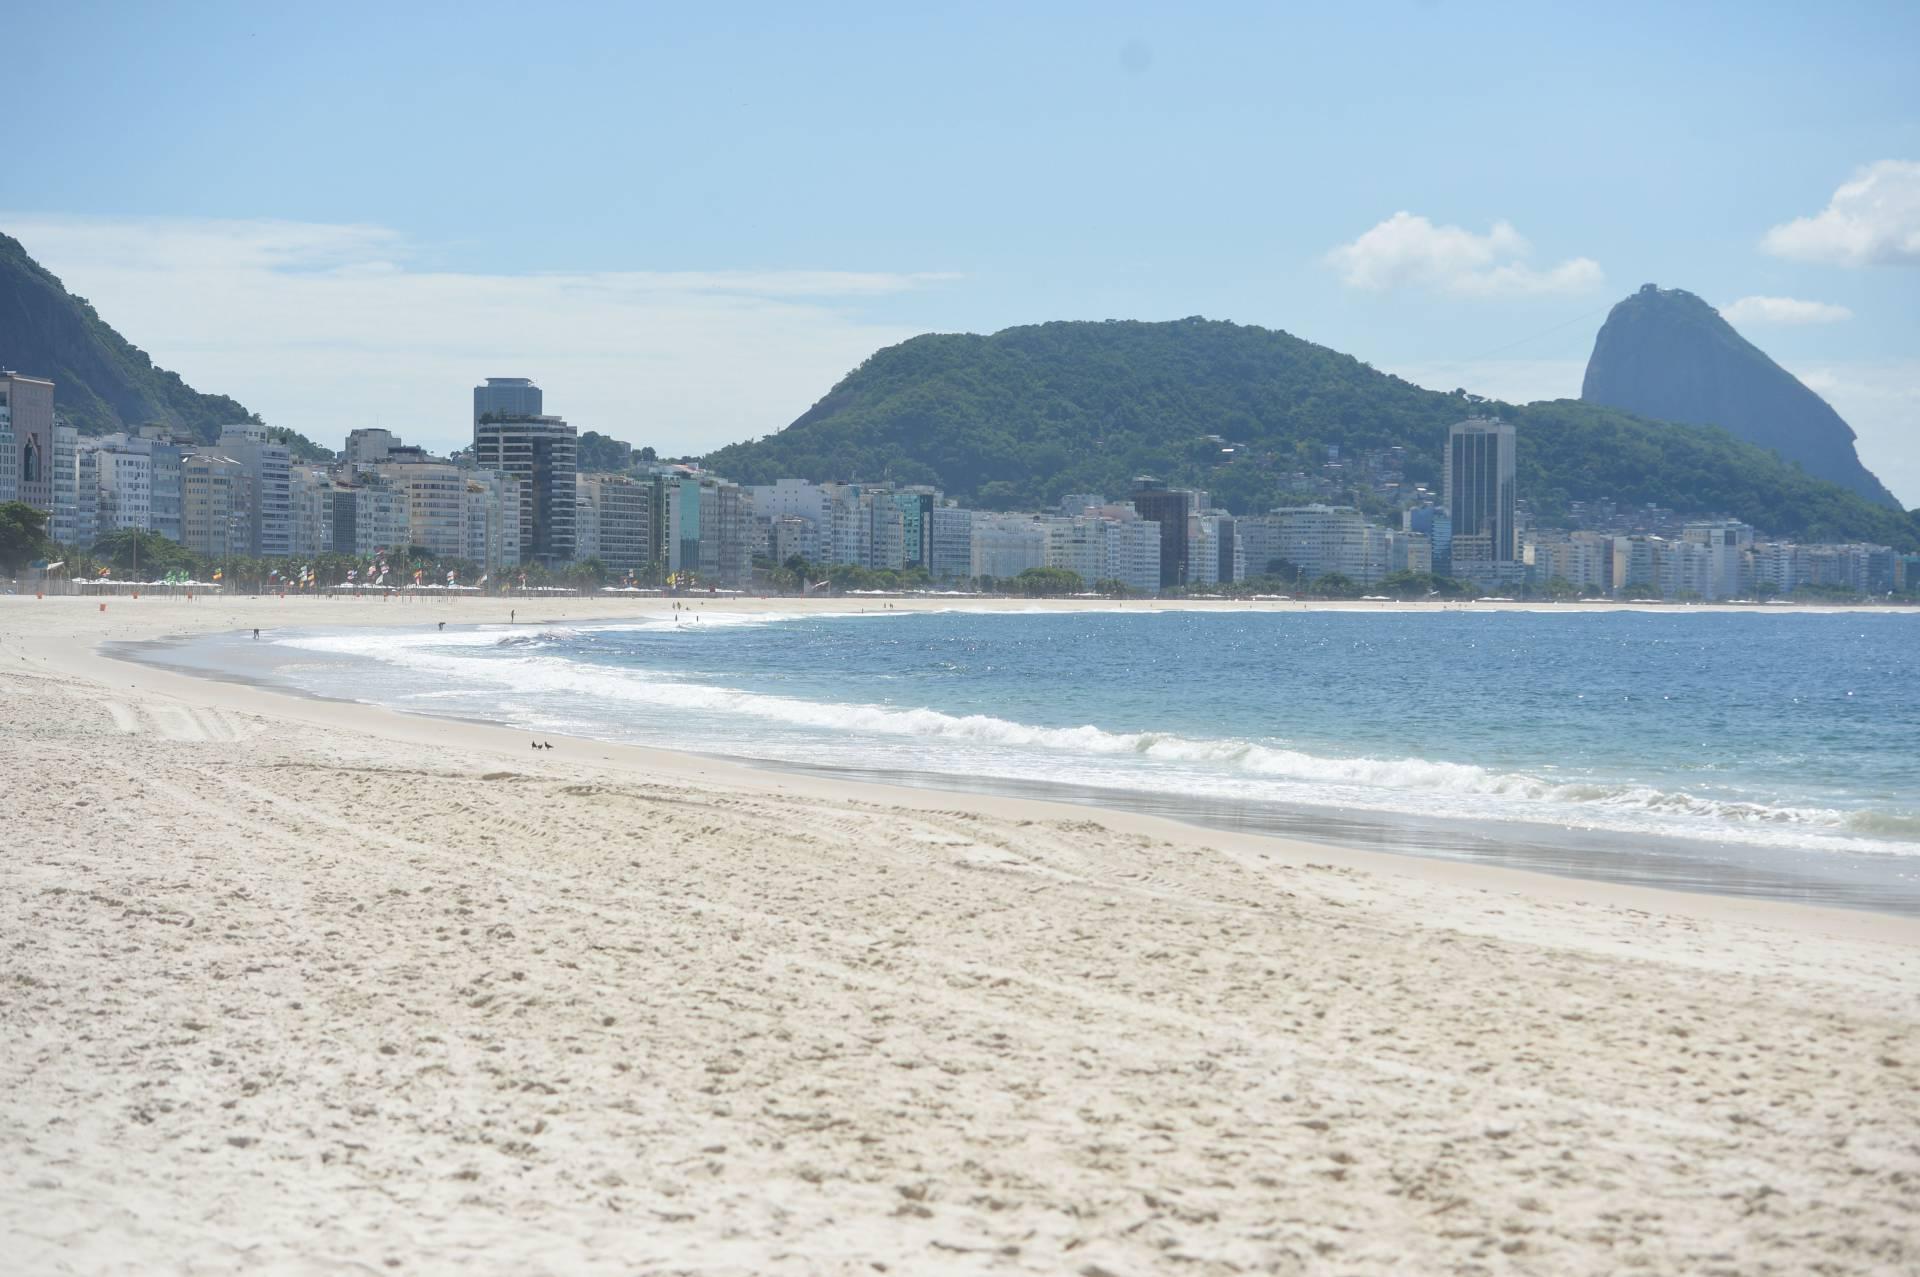 Coronavírus desestabiliza setor do turismo O Dia - Rio de Janeiro